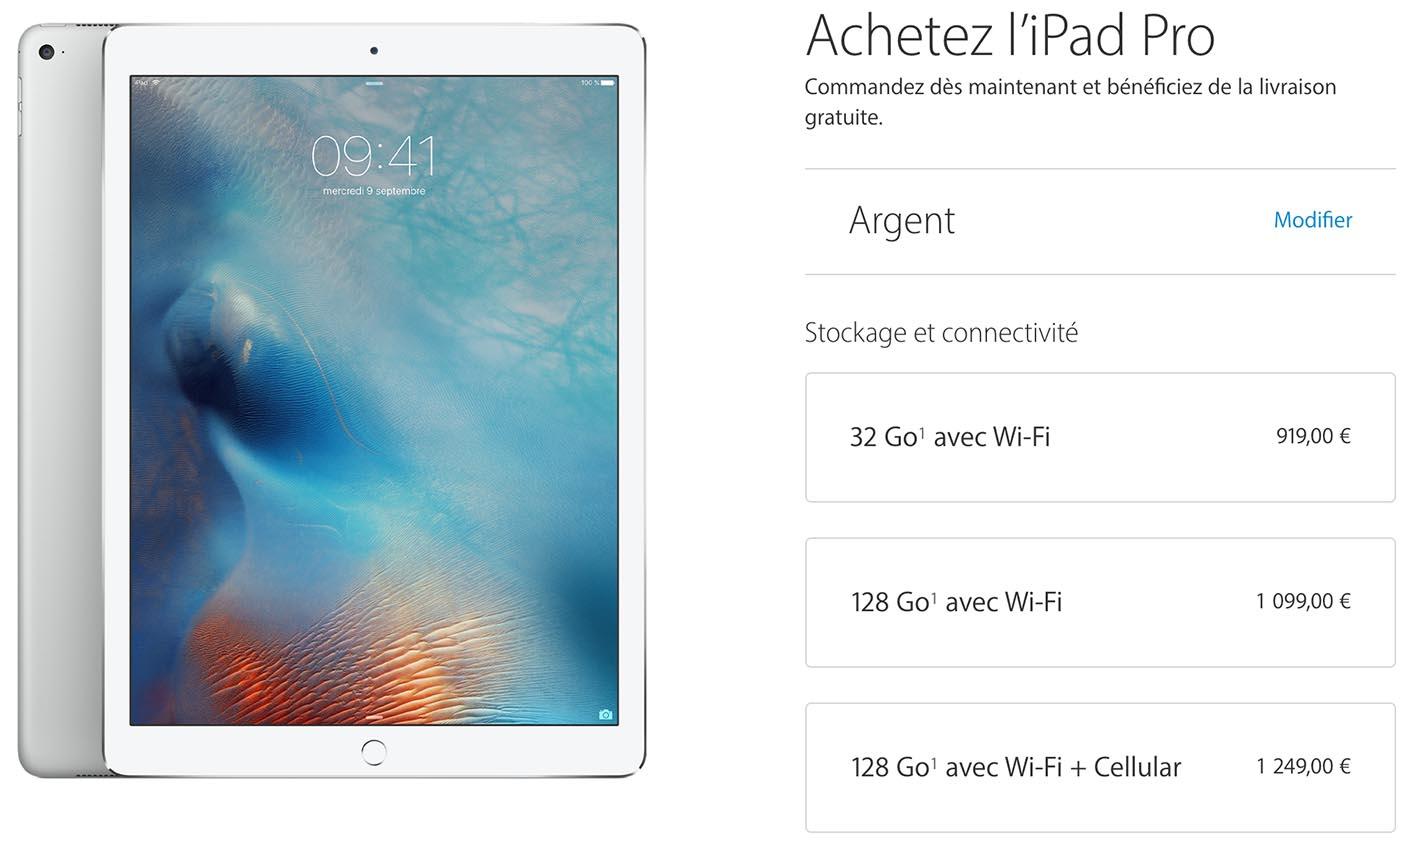 Acheter iPad Pro